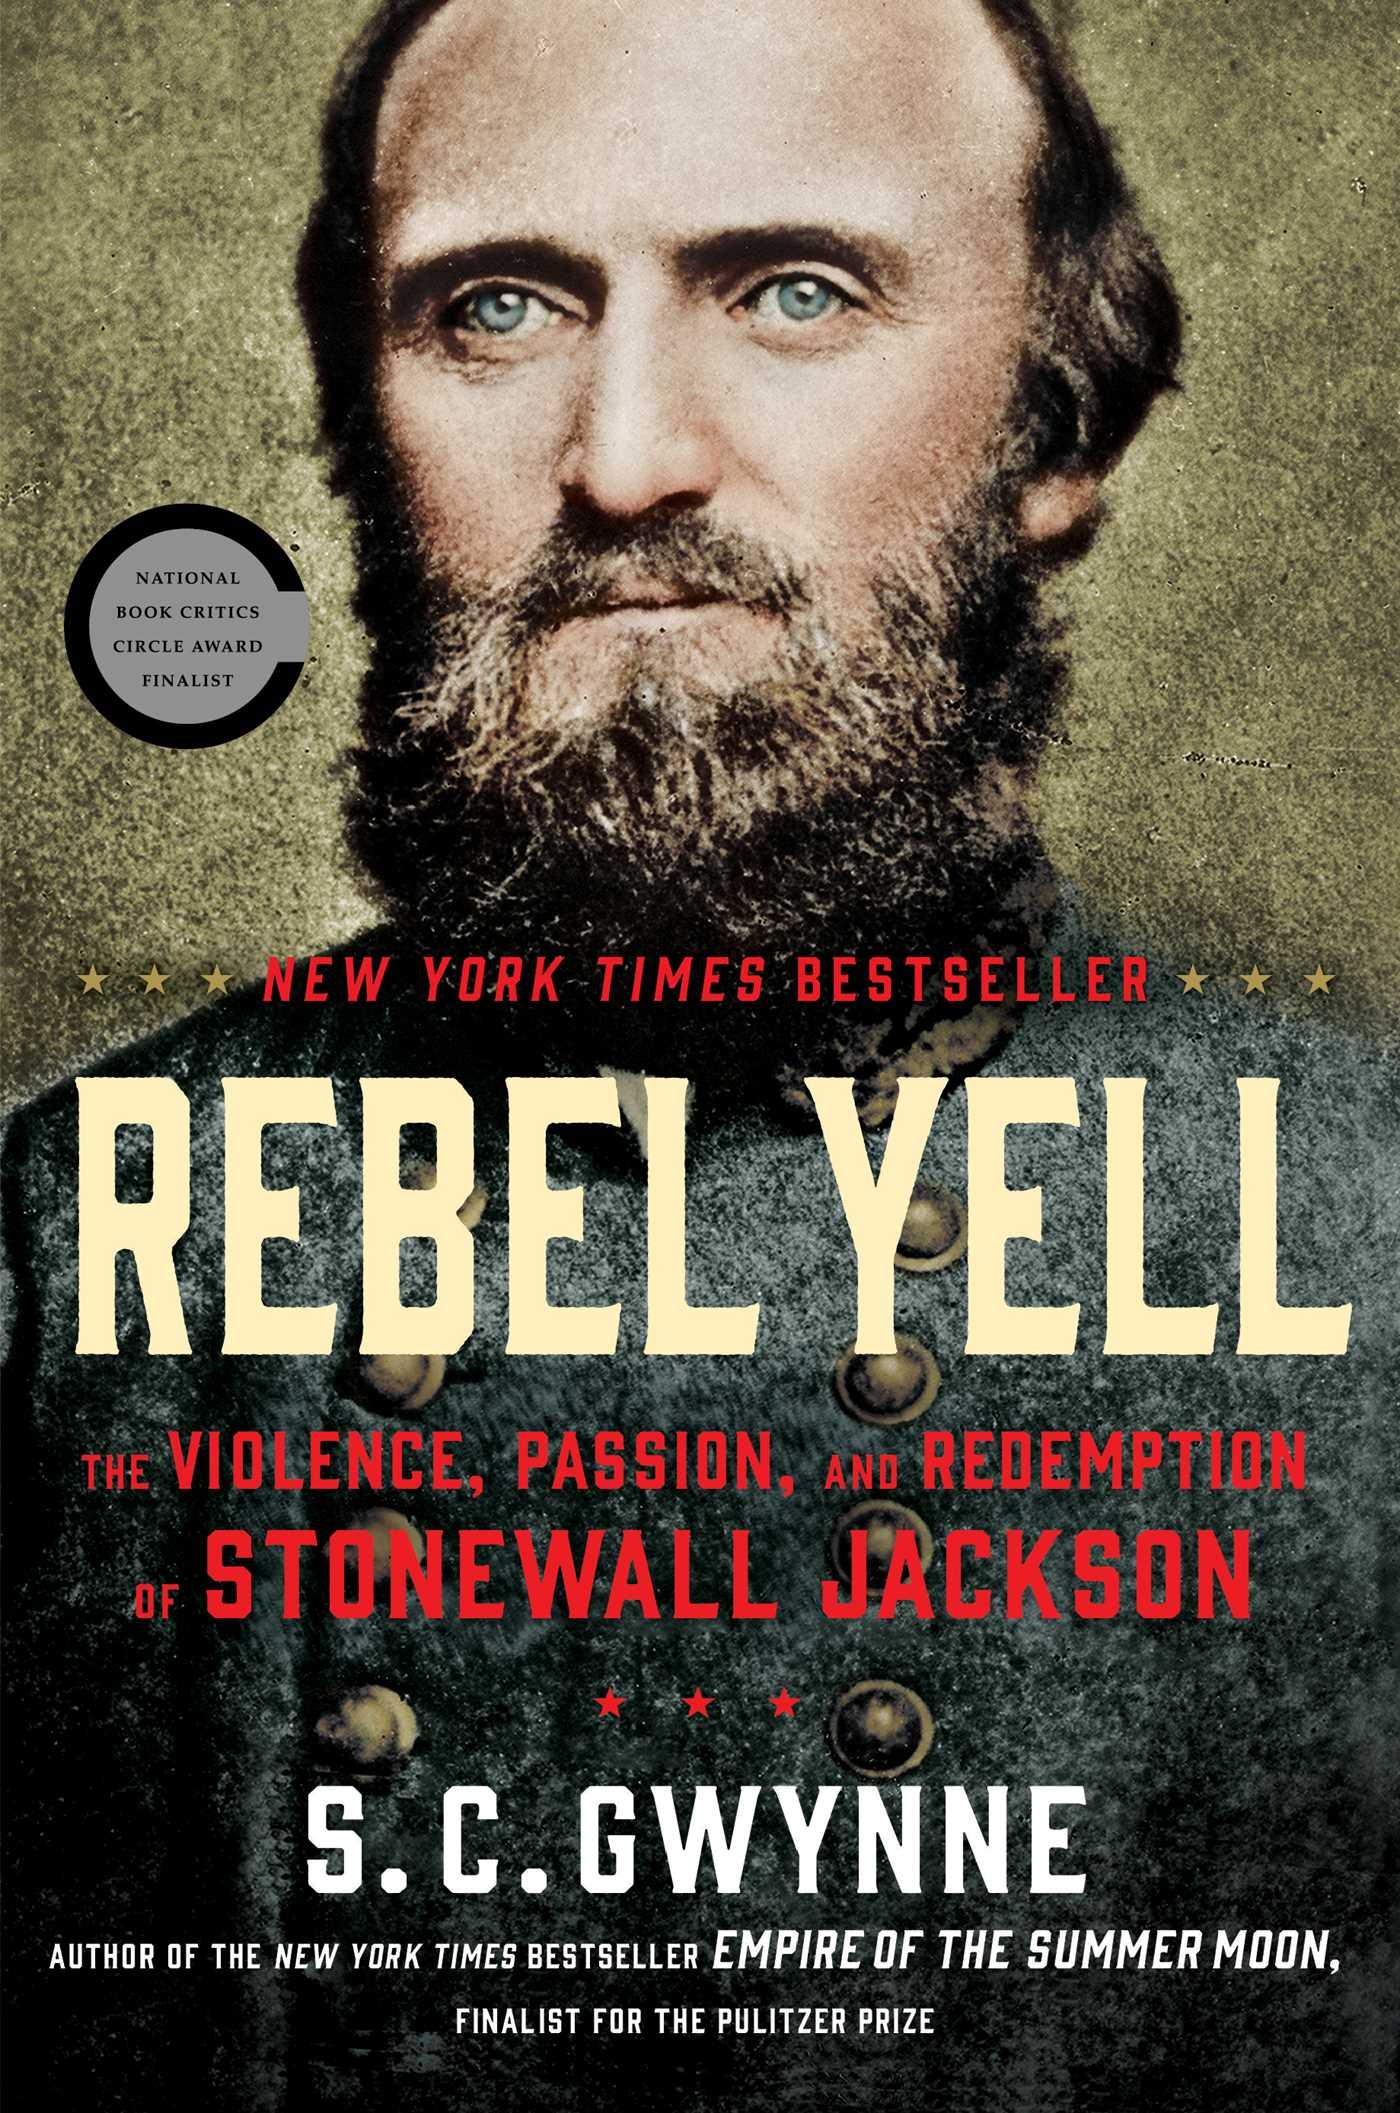 Rebel yell 9781451673289 hr